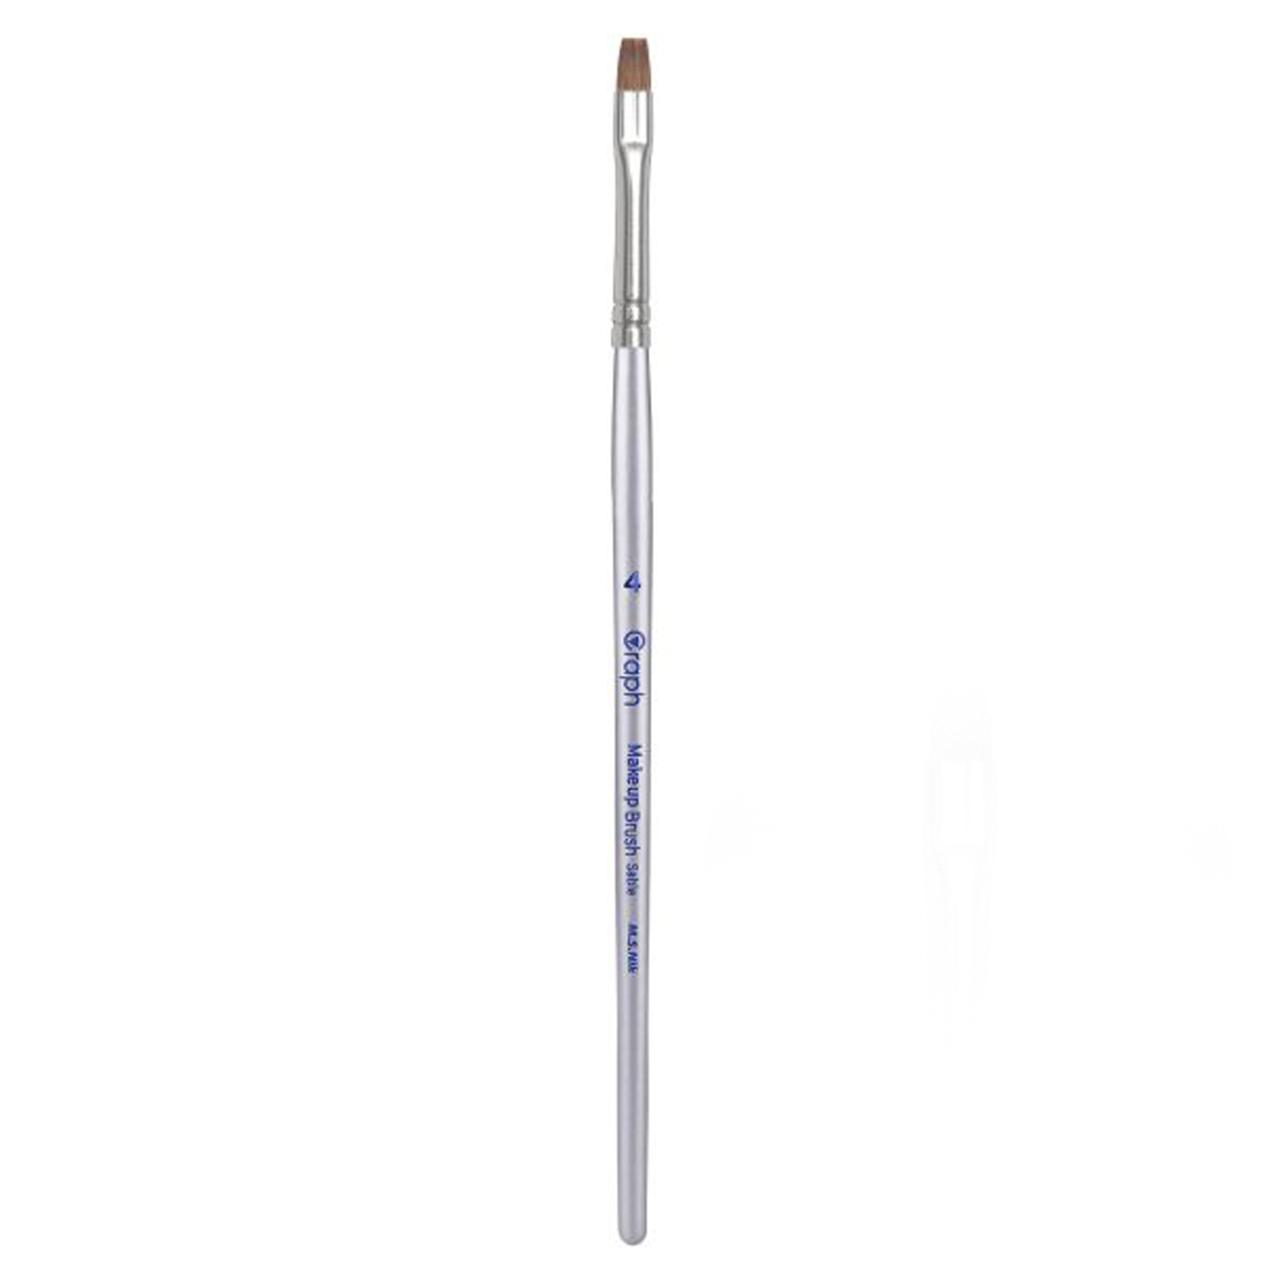 قلم موی کاشت ناخن گراف شماره 4